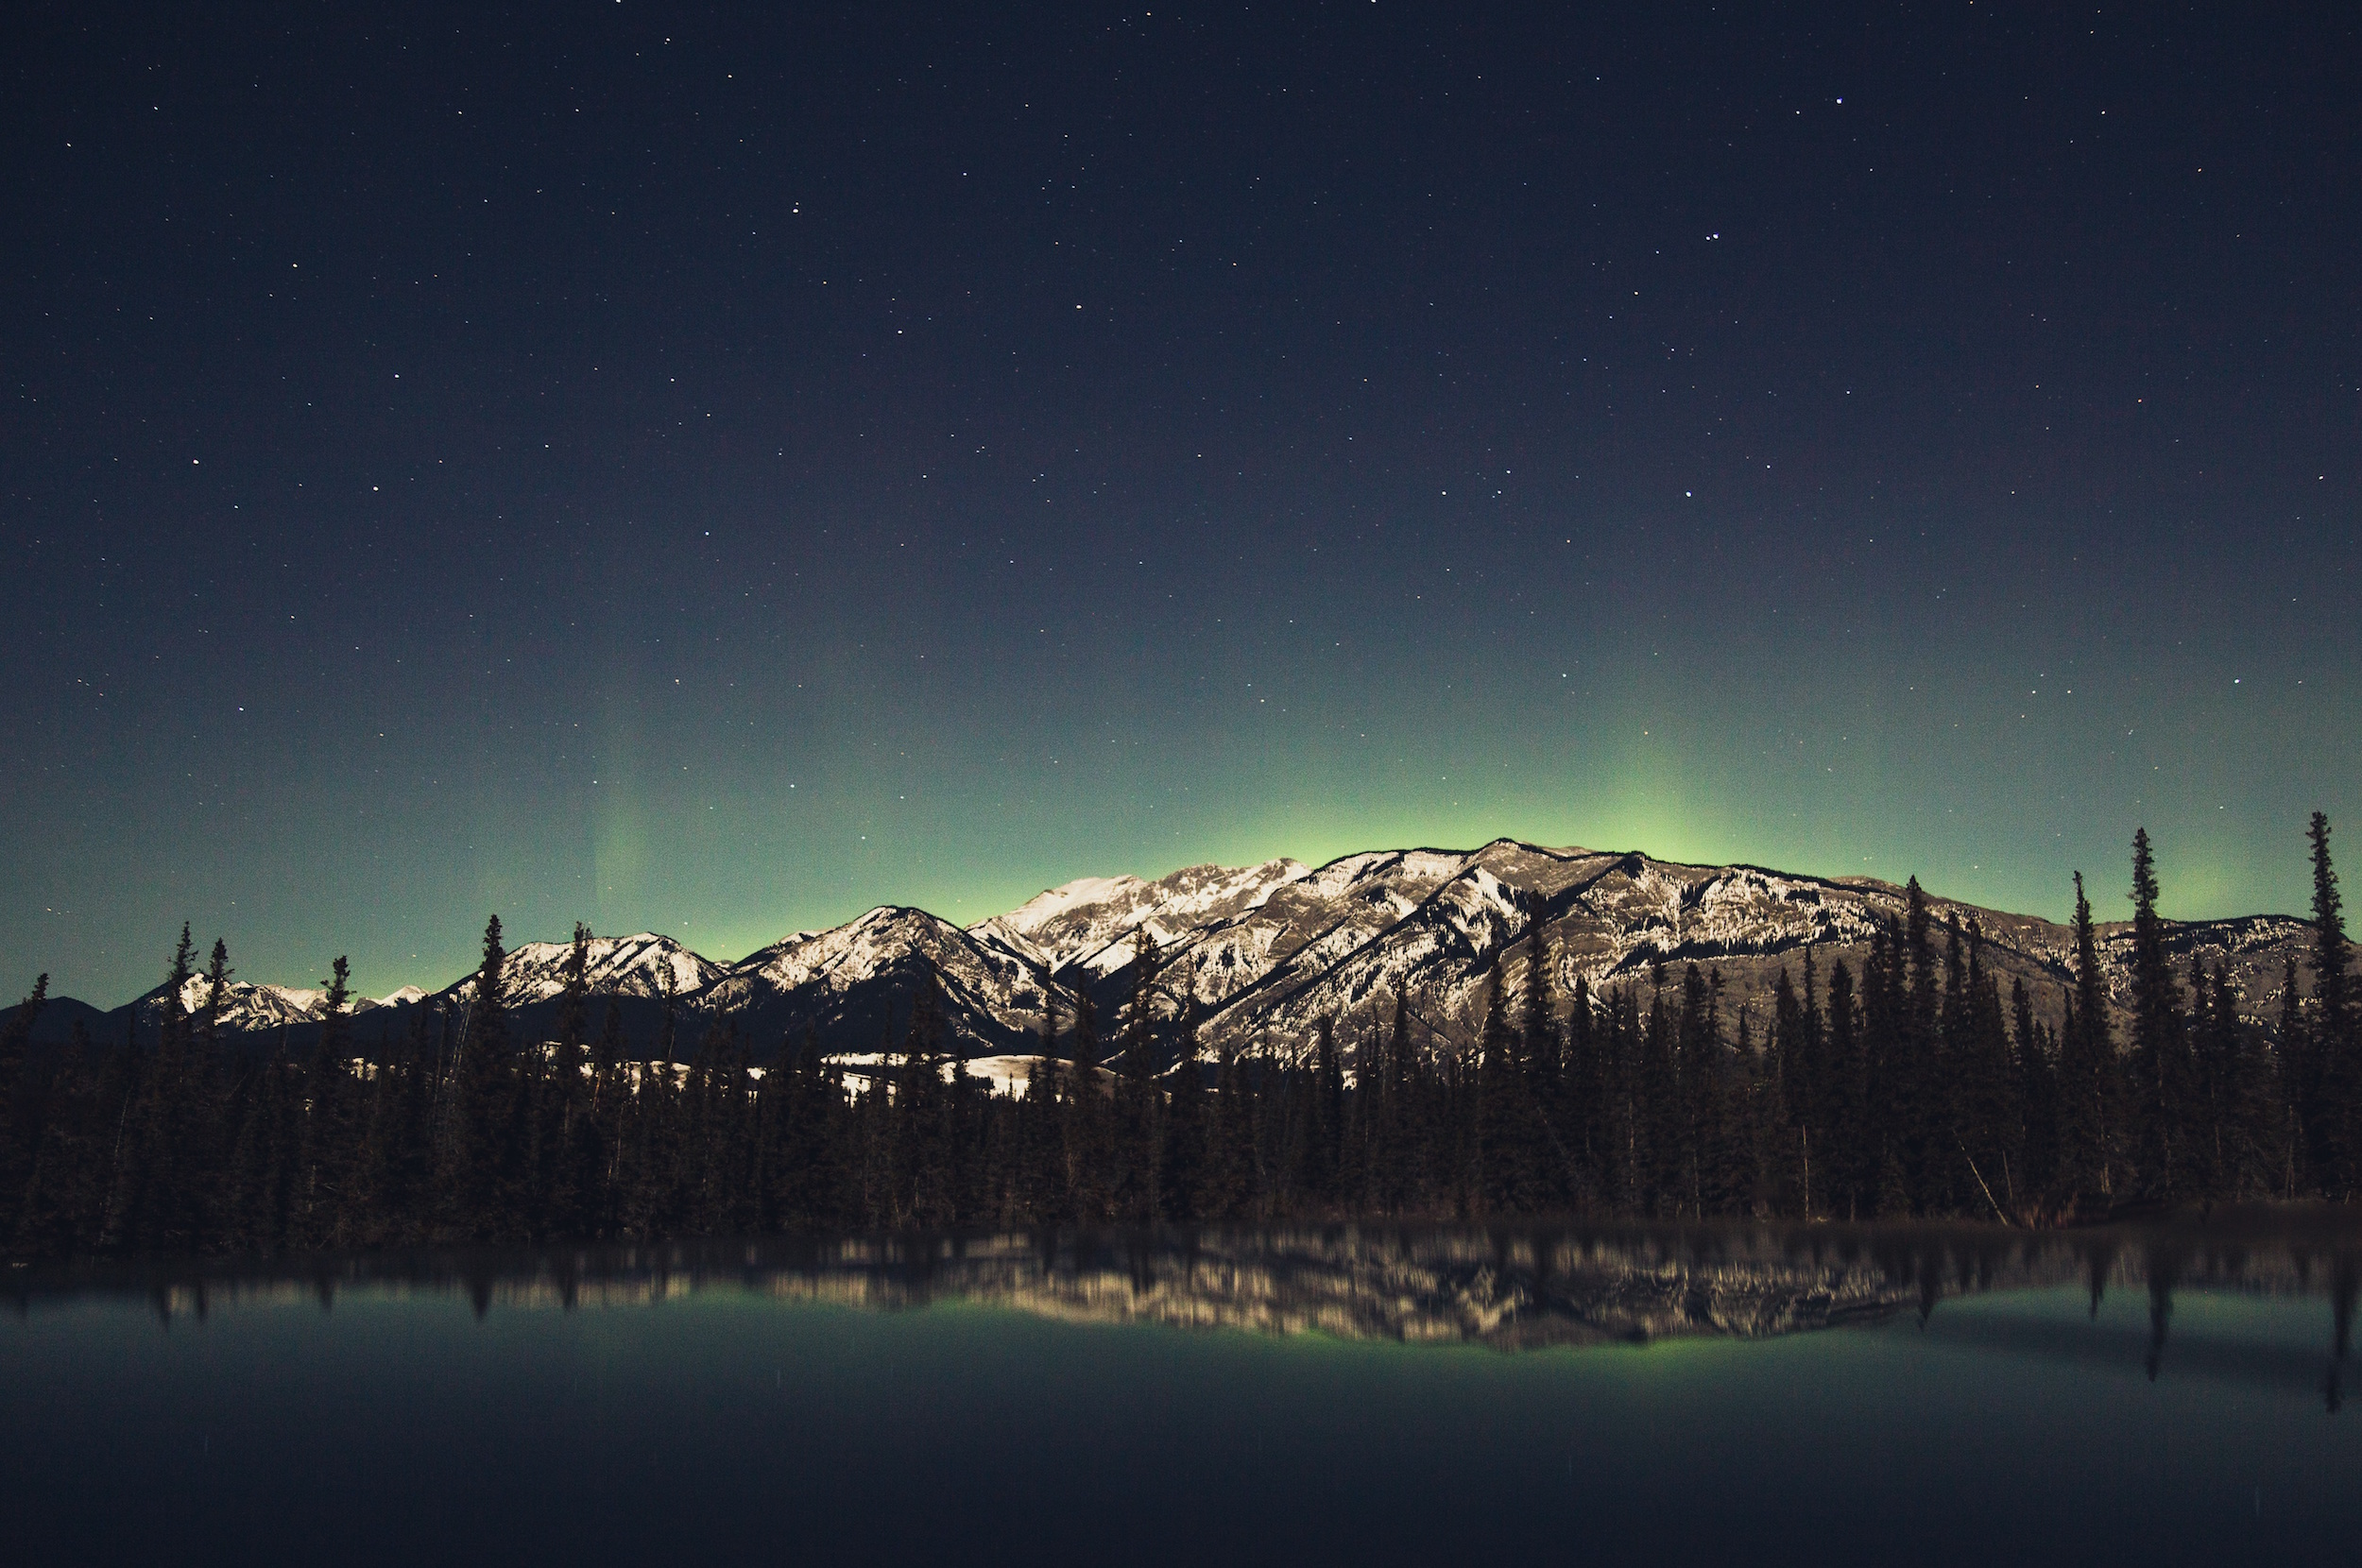 Aurore boréale au-dessus de Jasper, Alberta, Canada